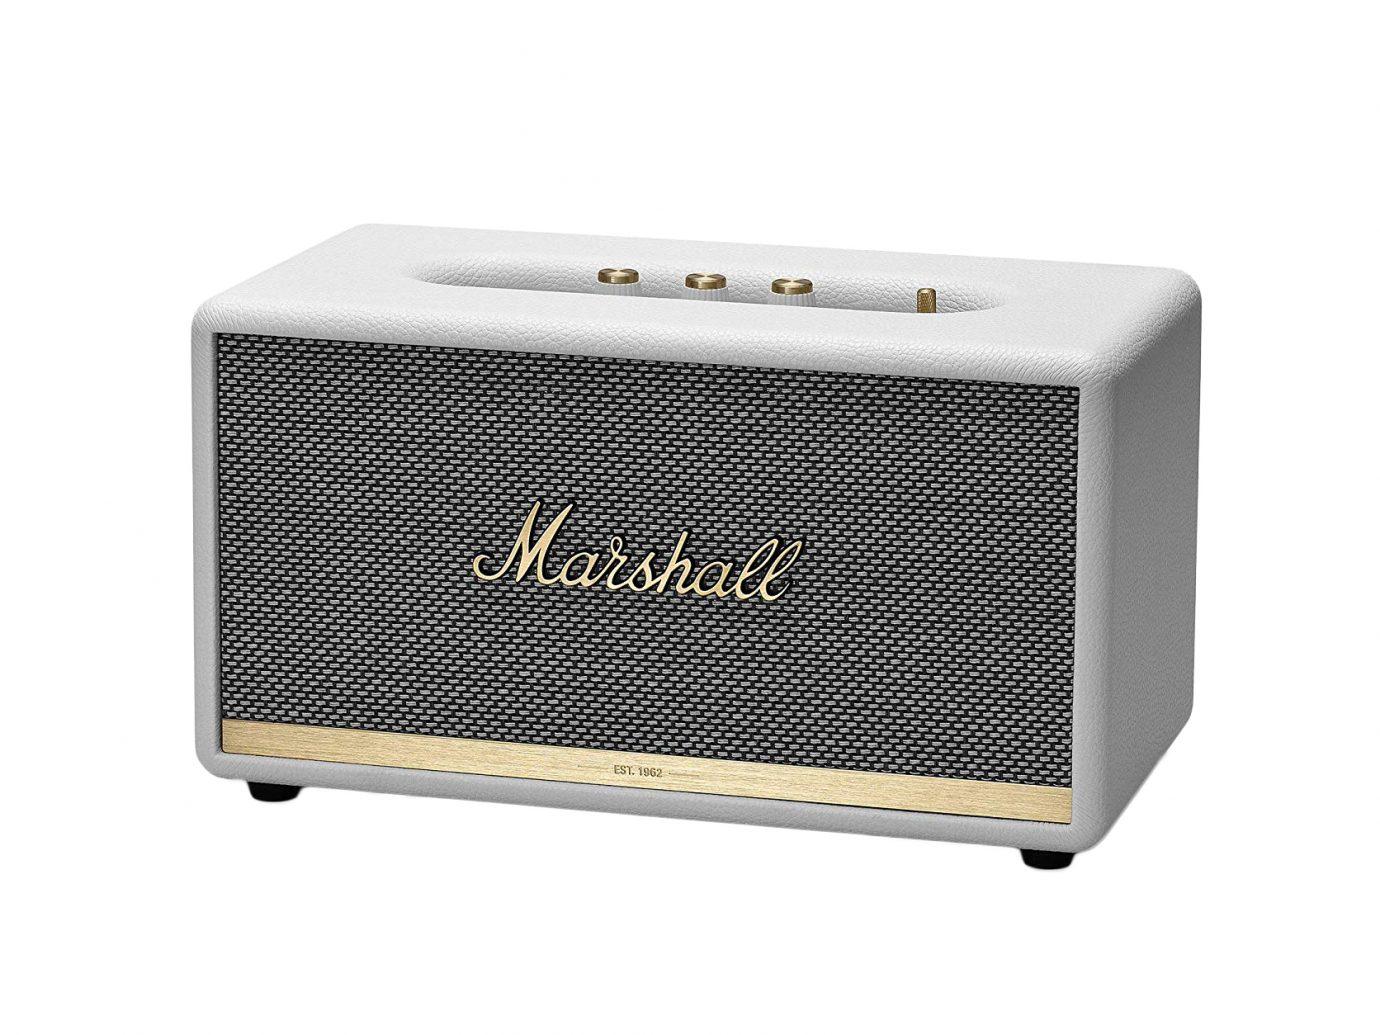 Marshall Stanmore II Wireless Bluetooth Speaker, White